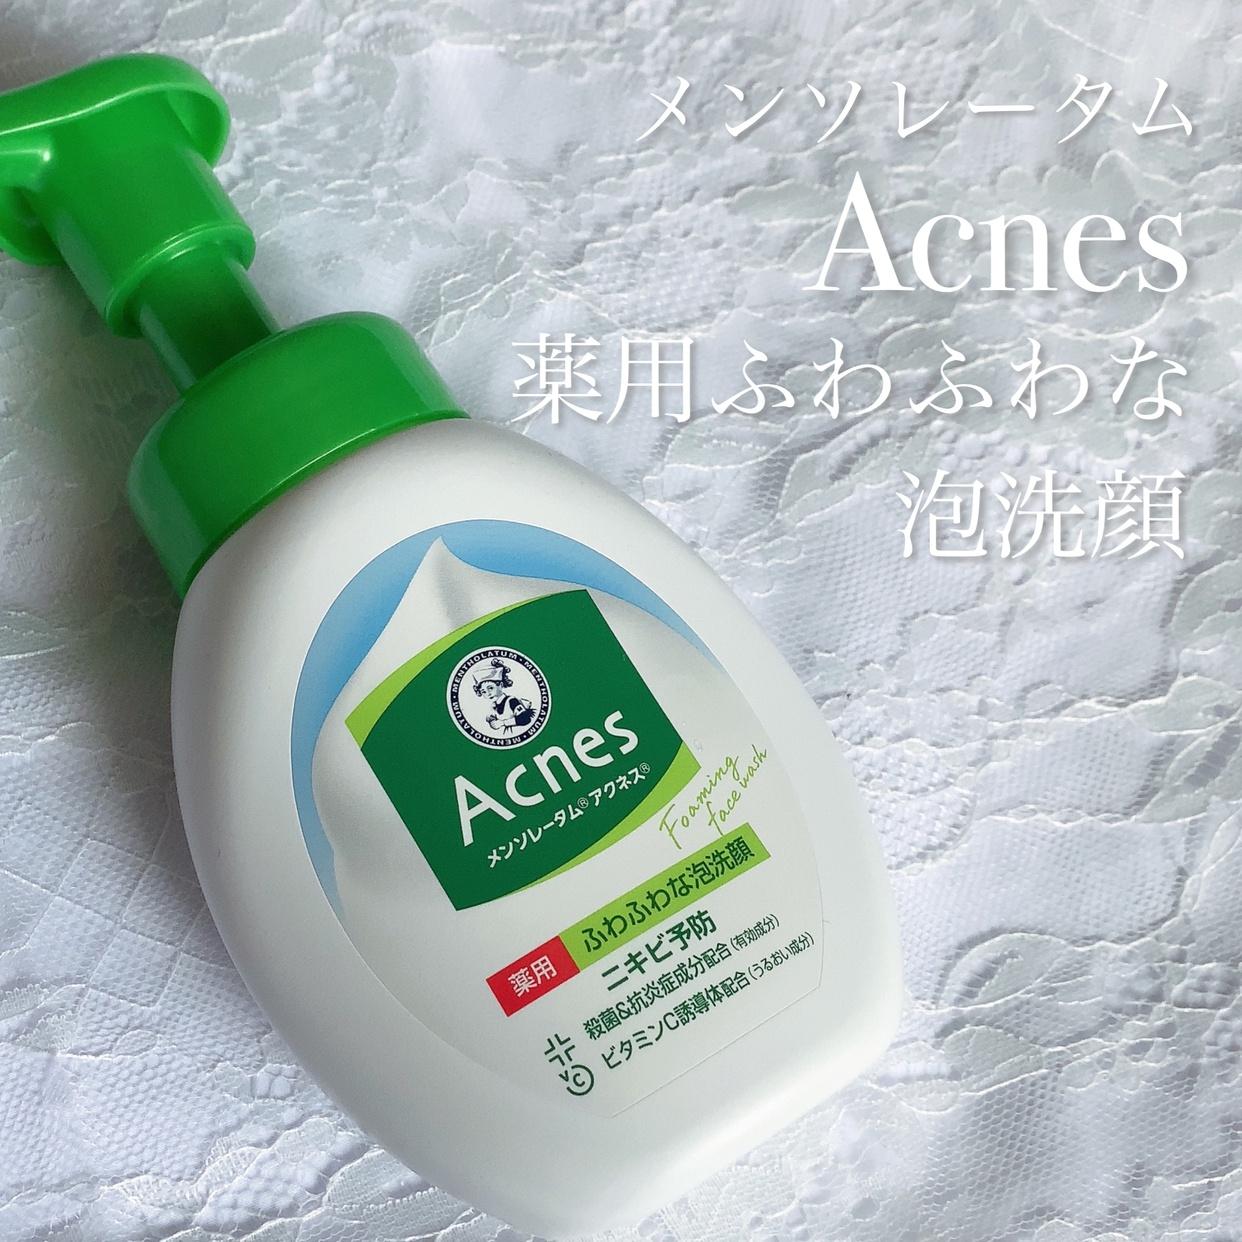 MENTHOLATUM Acnes(メンソレータム アクネス) 薬用ふわふわな泡洗顔を使ったちょびさんのクチコミ画像2